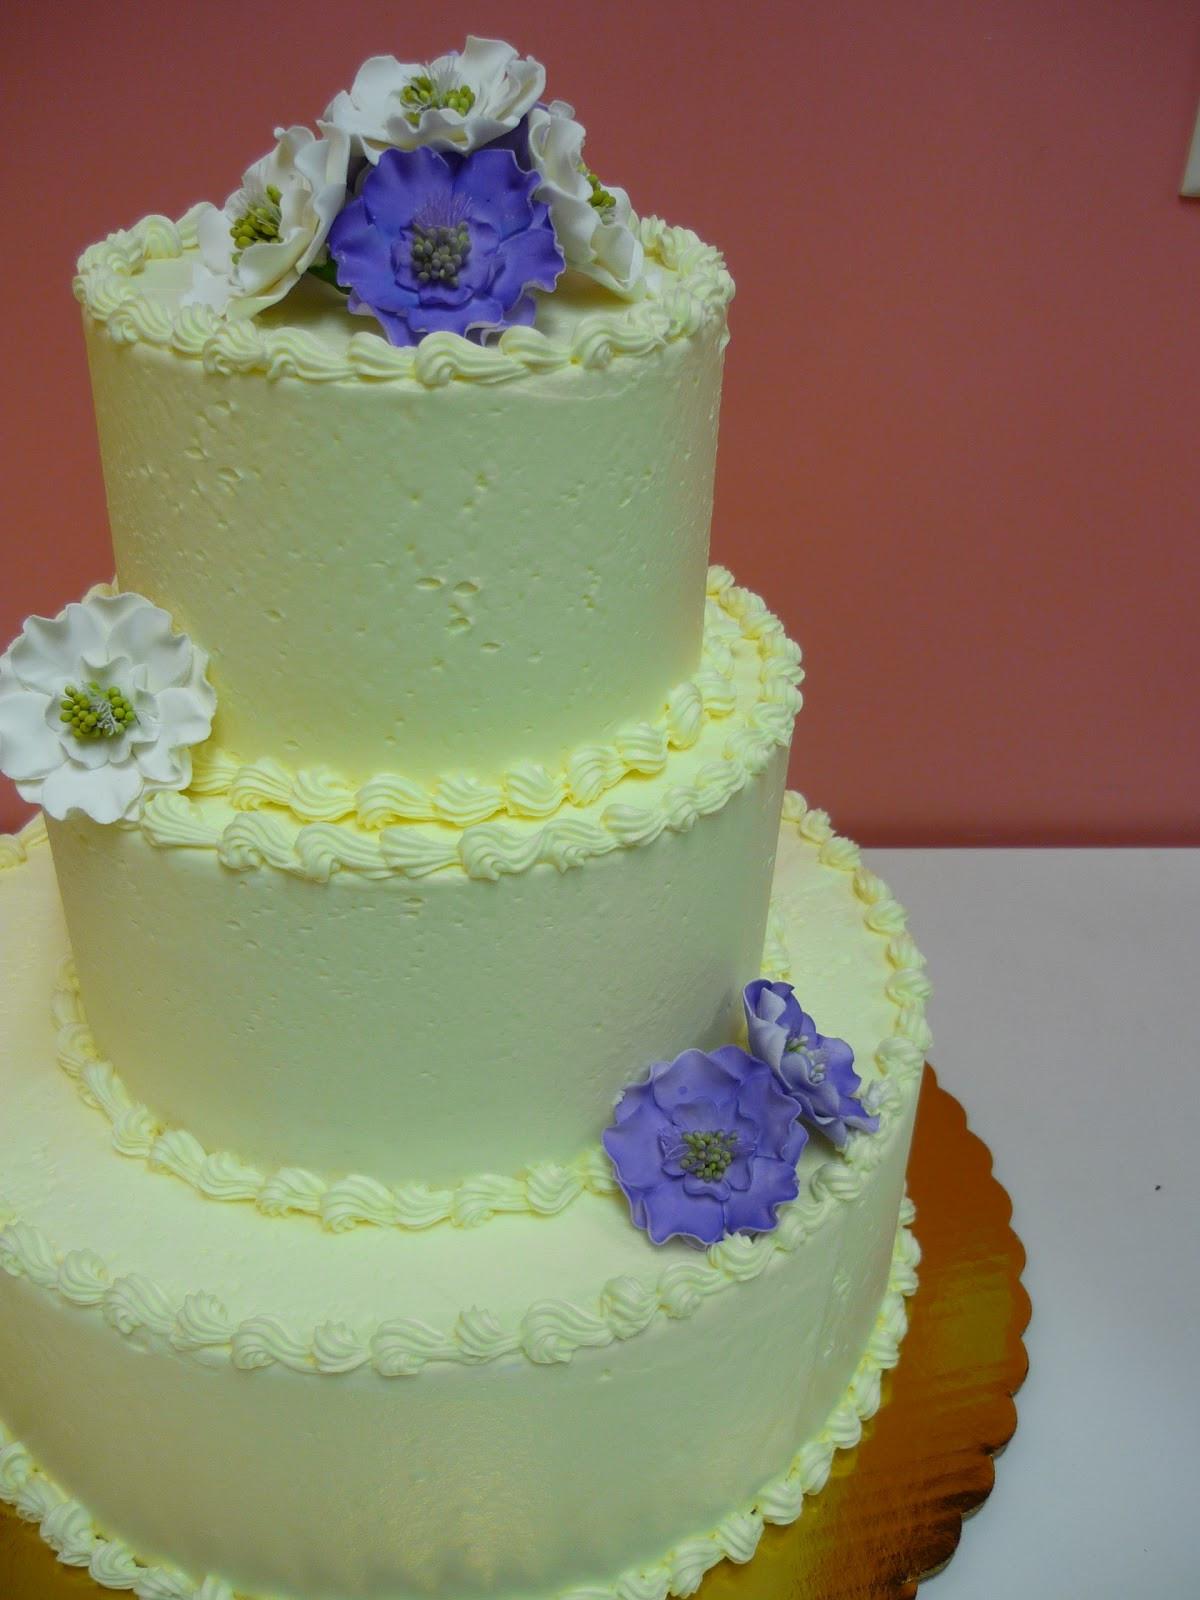 Gluten Free Wedding Cake Recipe  Artisan Bake Shop Gluten Free Vegan & Dairy Free